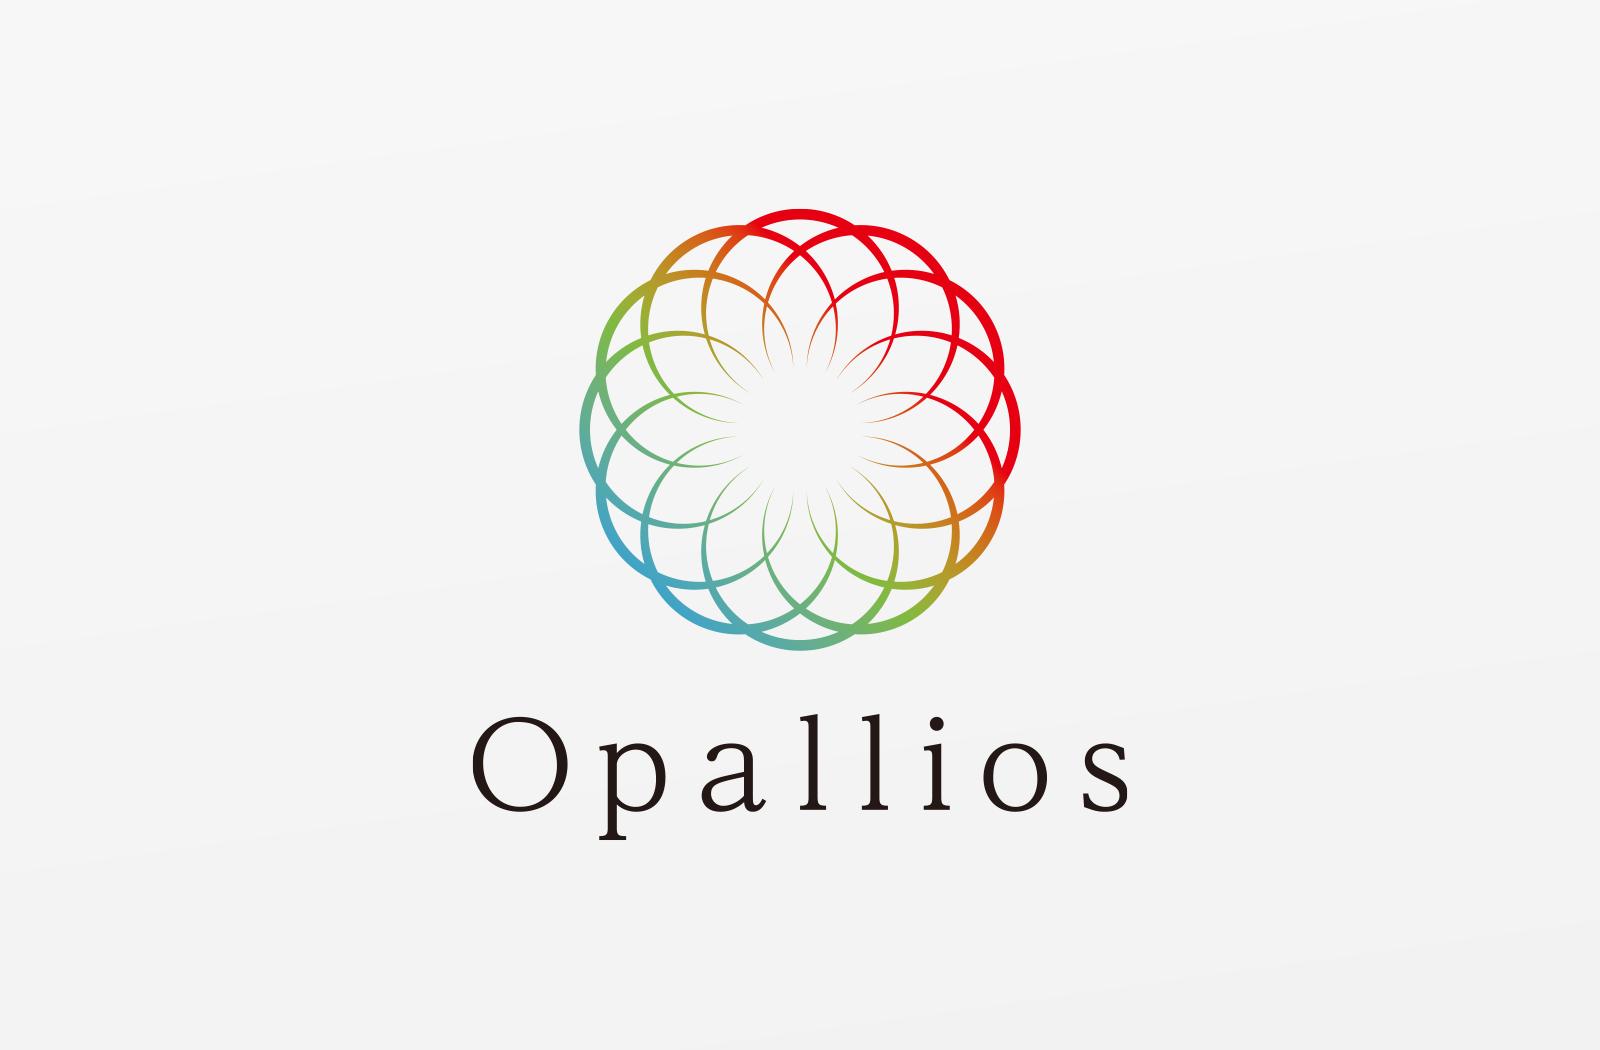 小売業、ネットショップの「Opallios」様のロゴデザイン